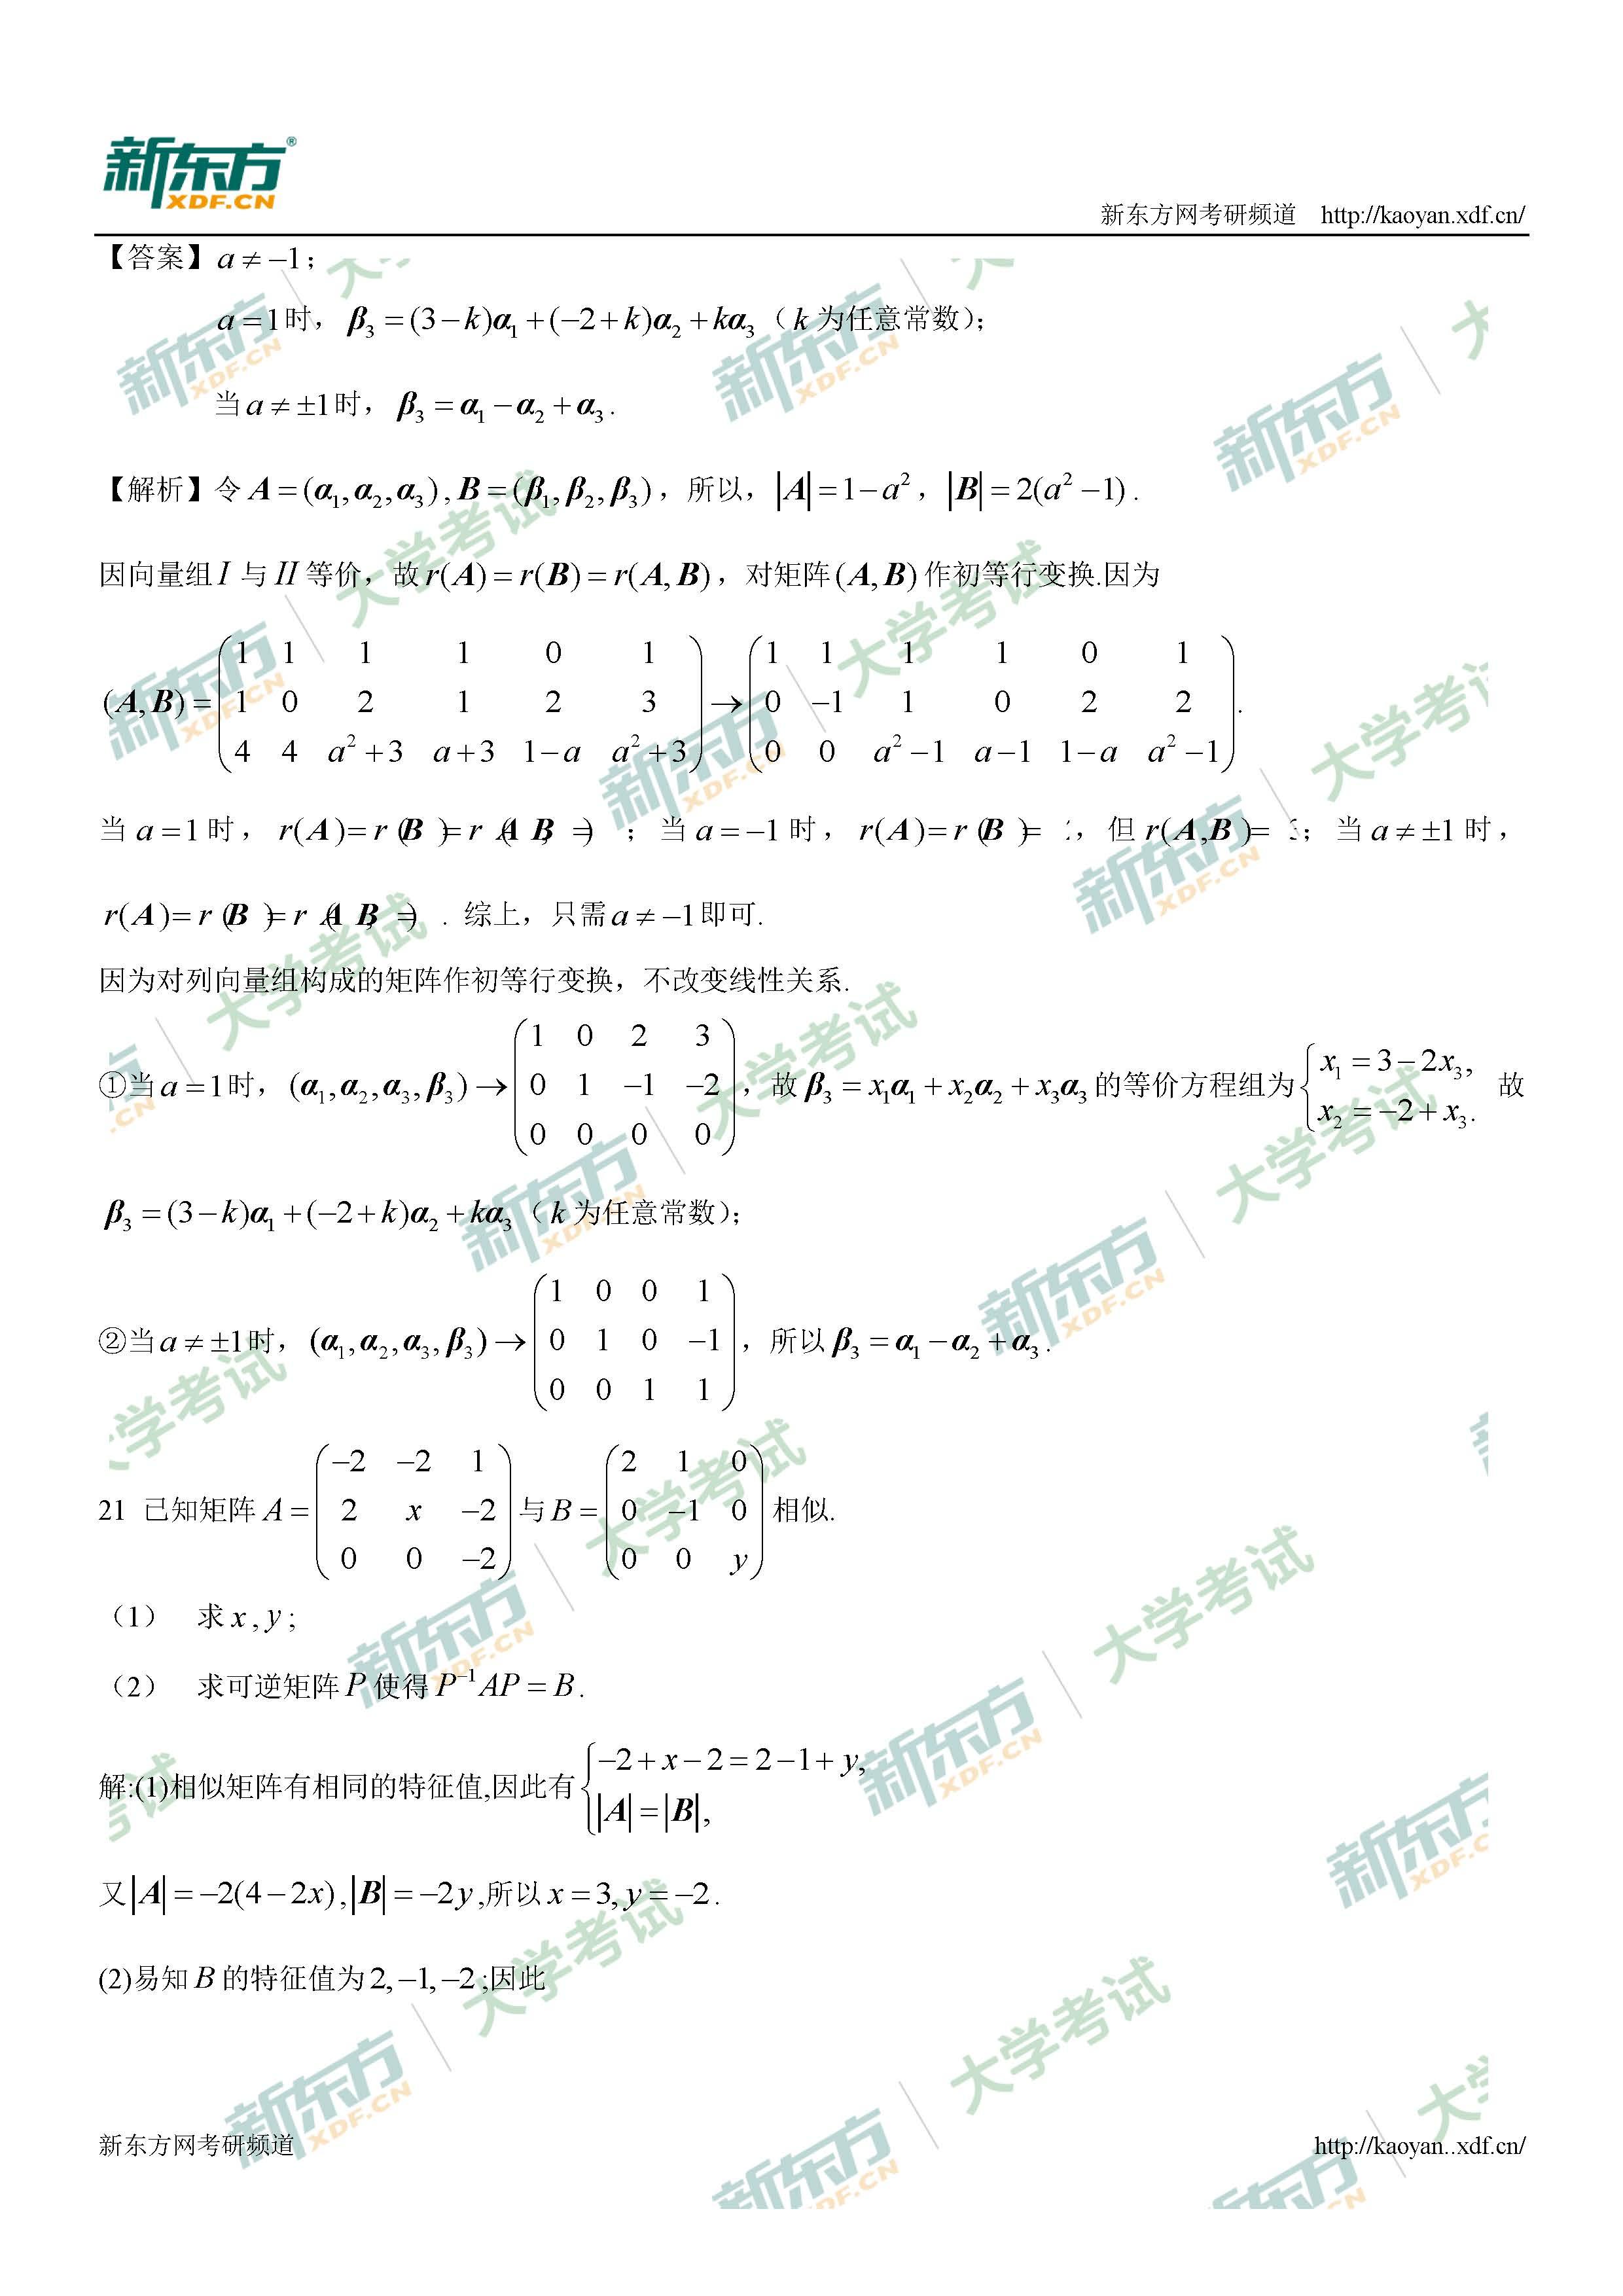 2019考研数学三真题答案逐题解析完整版